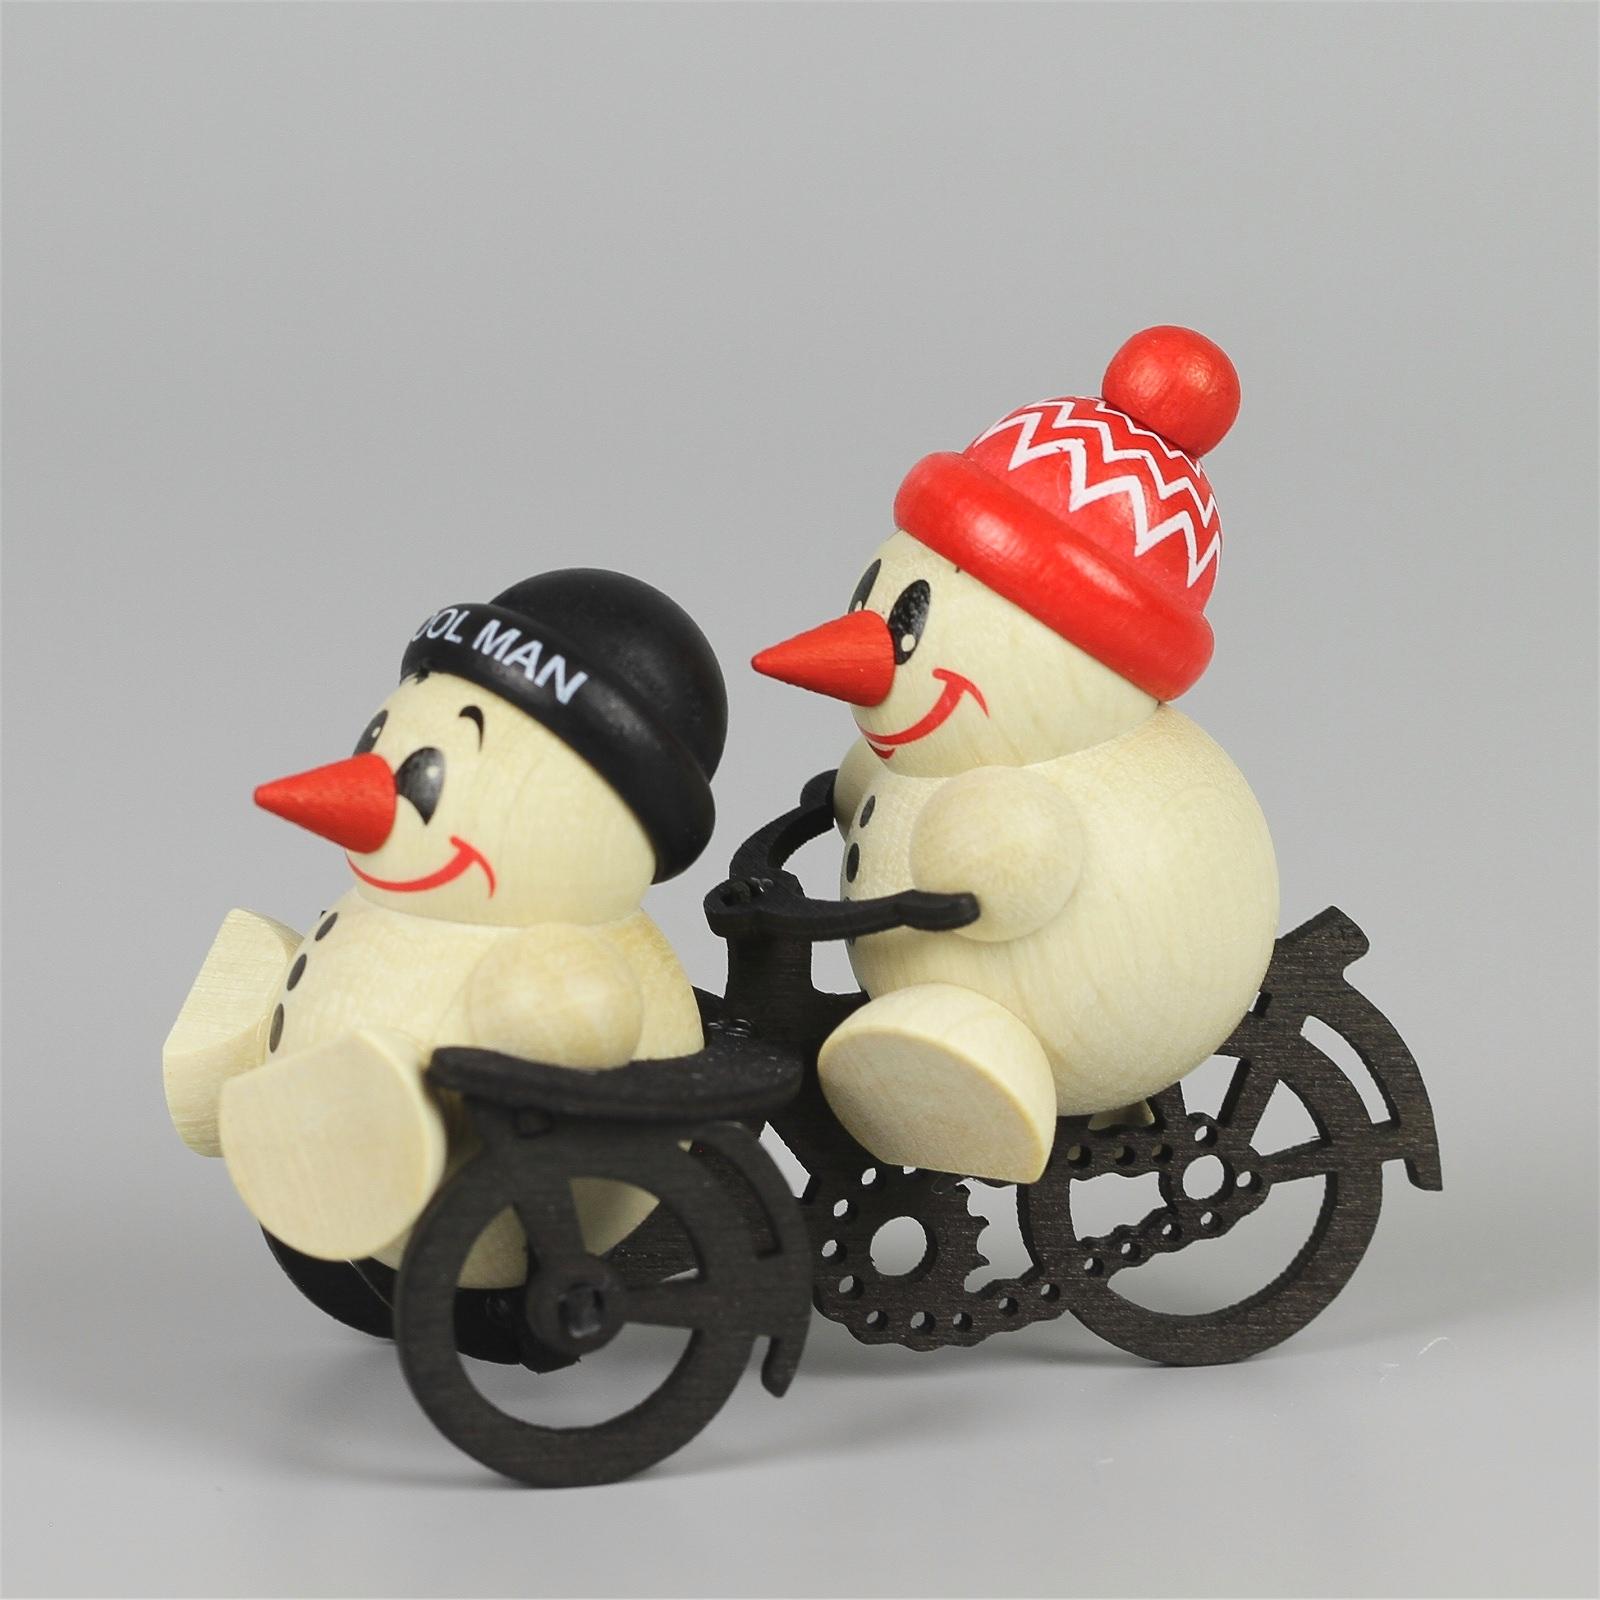 Cool-Man Trike